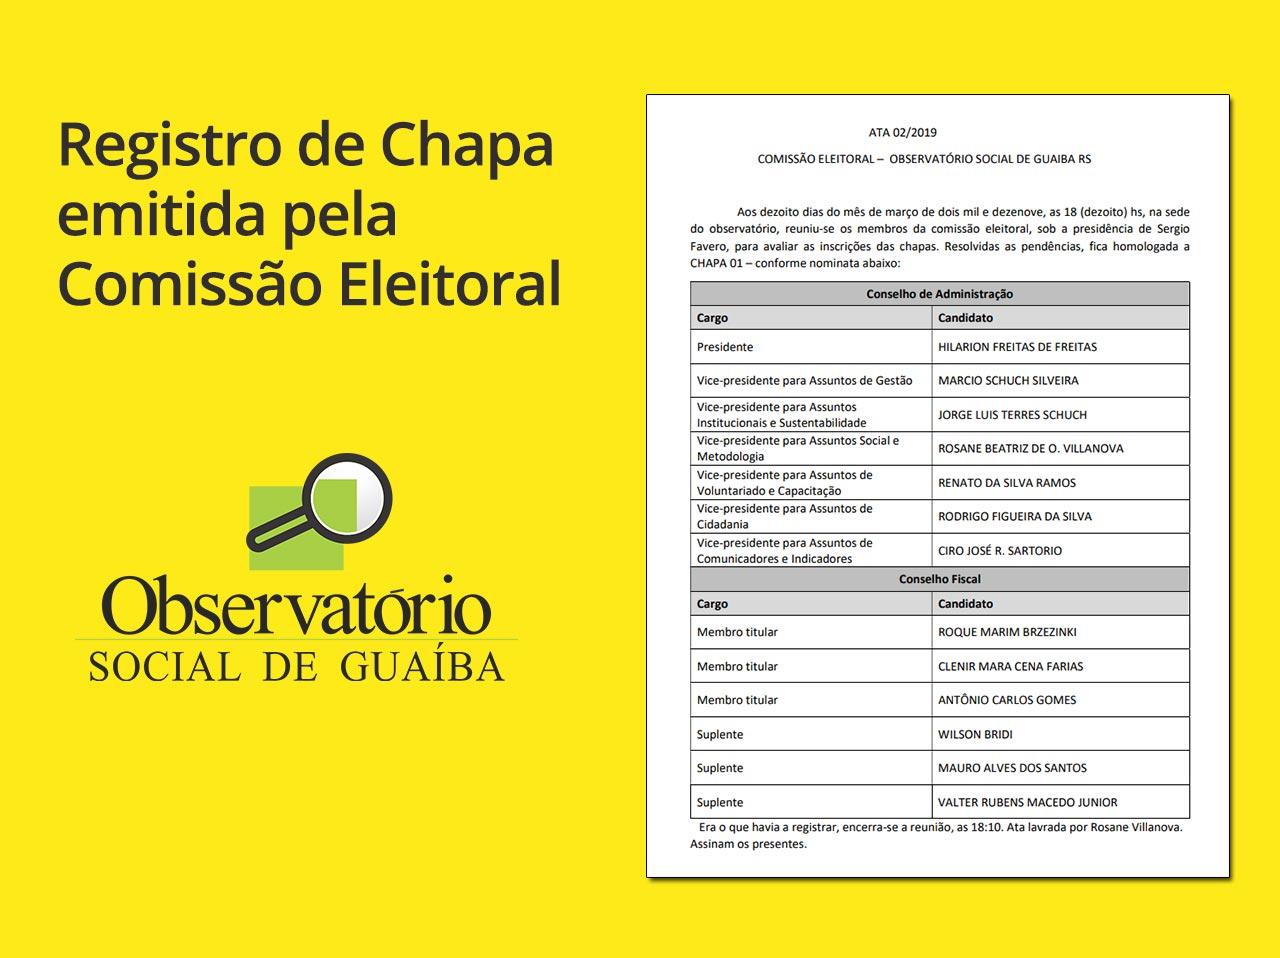 Registro de Chapa emitida pela Comissão Eleitoral